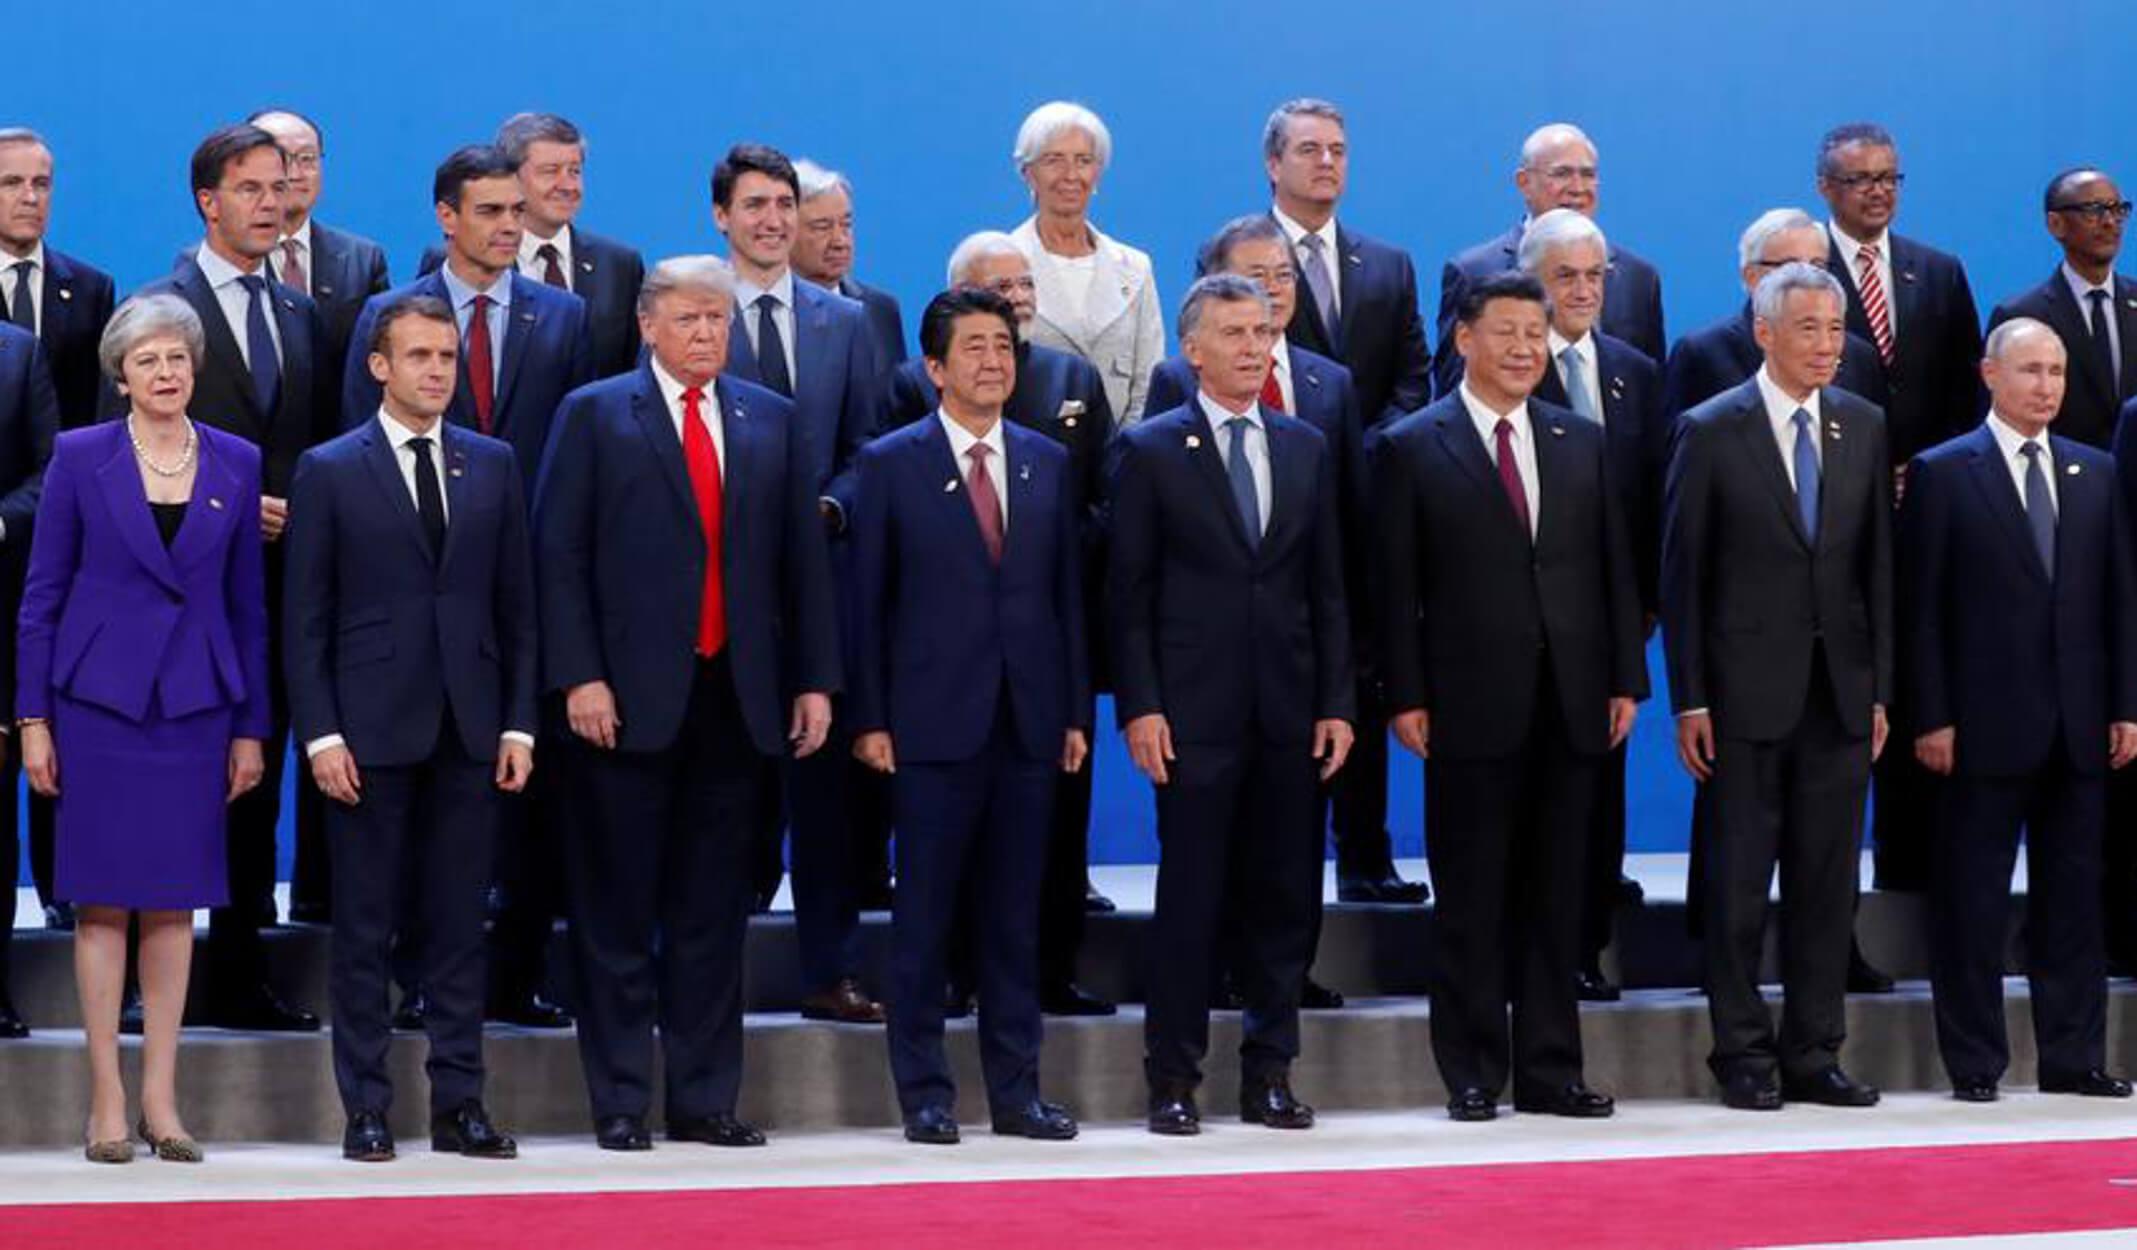 Παραδοχή G20: Ο κορονοϊός αποκάλυψε τις ελλείψεις στα συστήματα υγείας